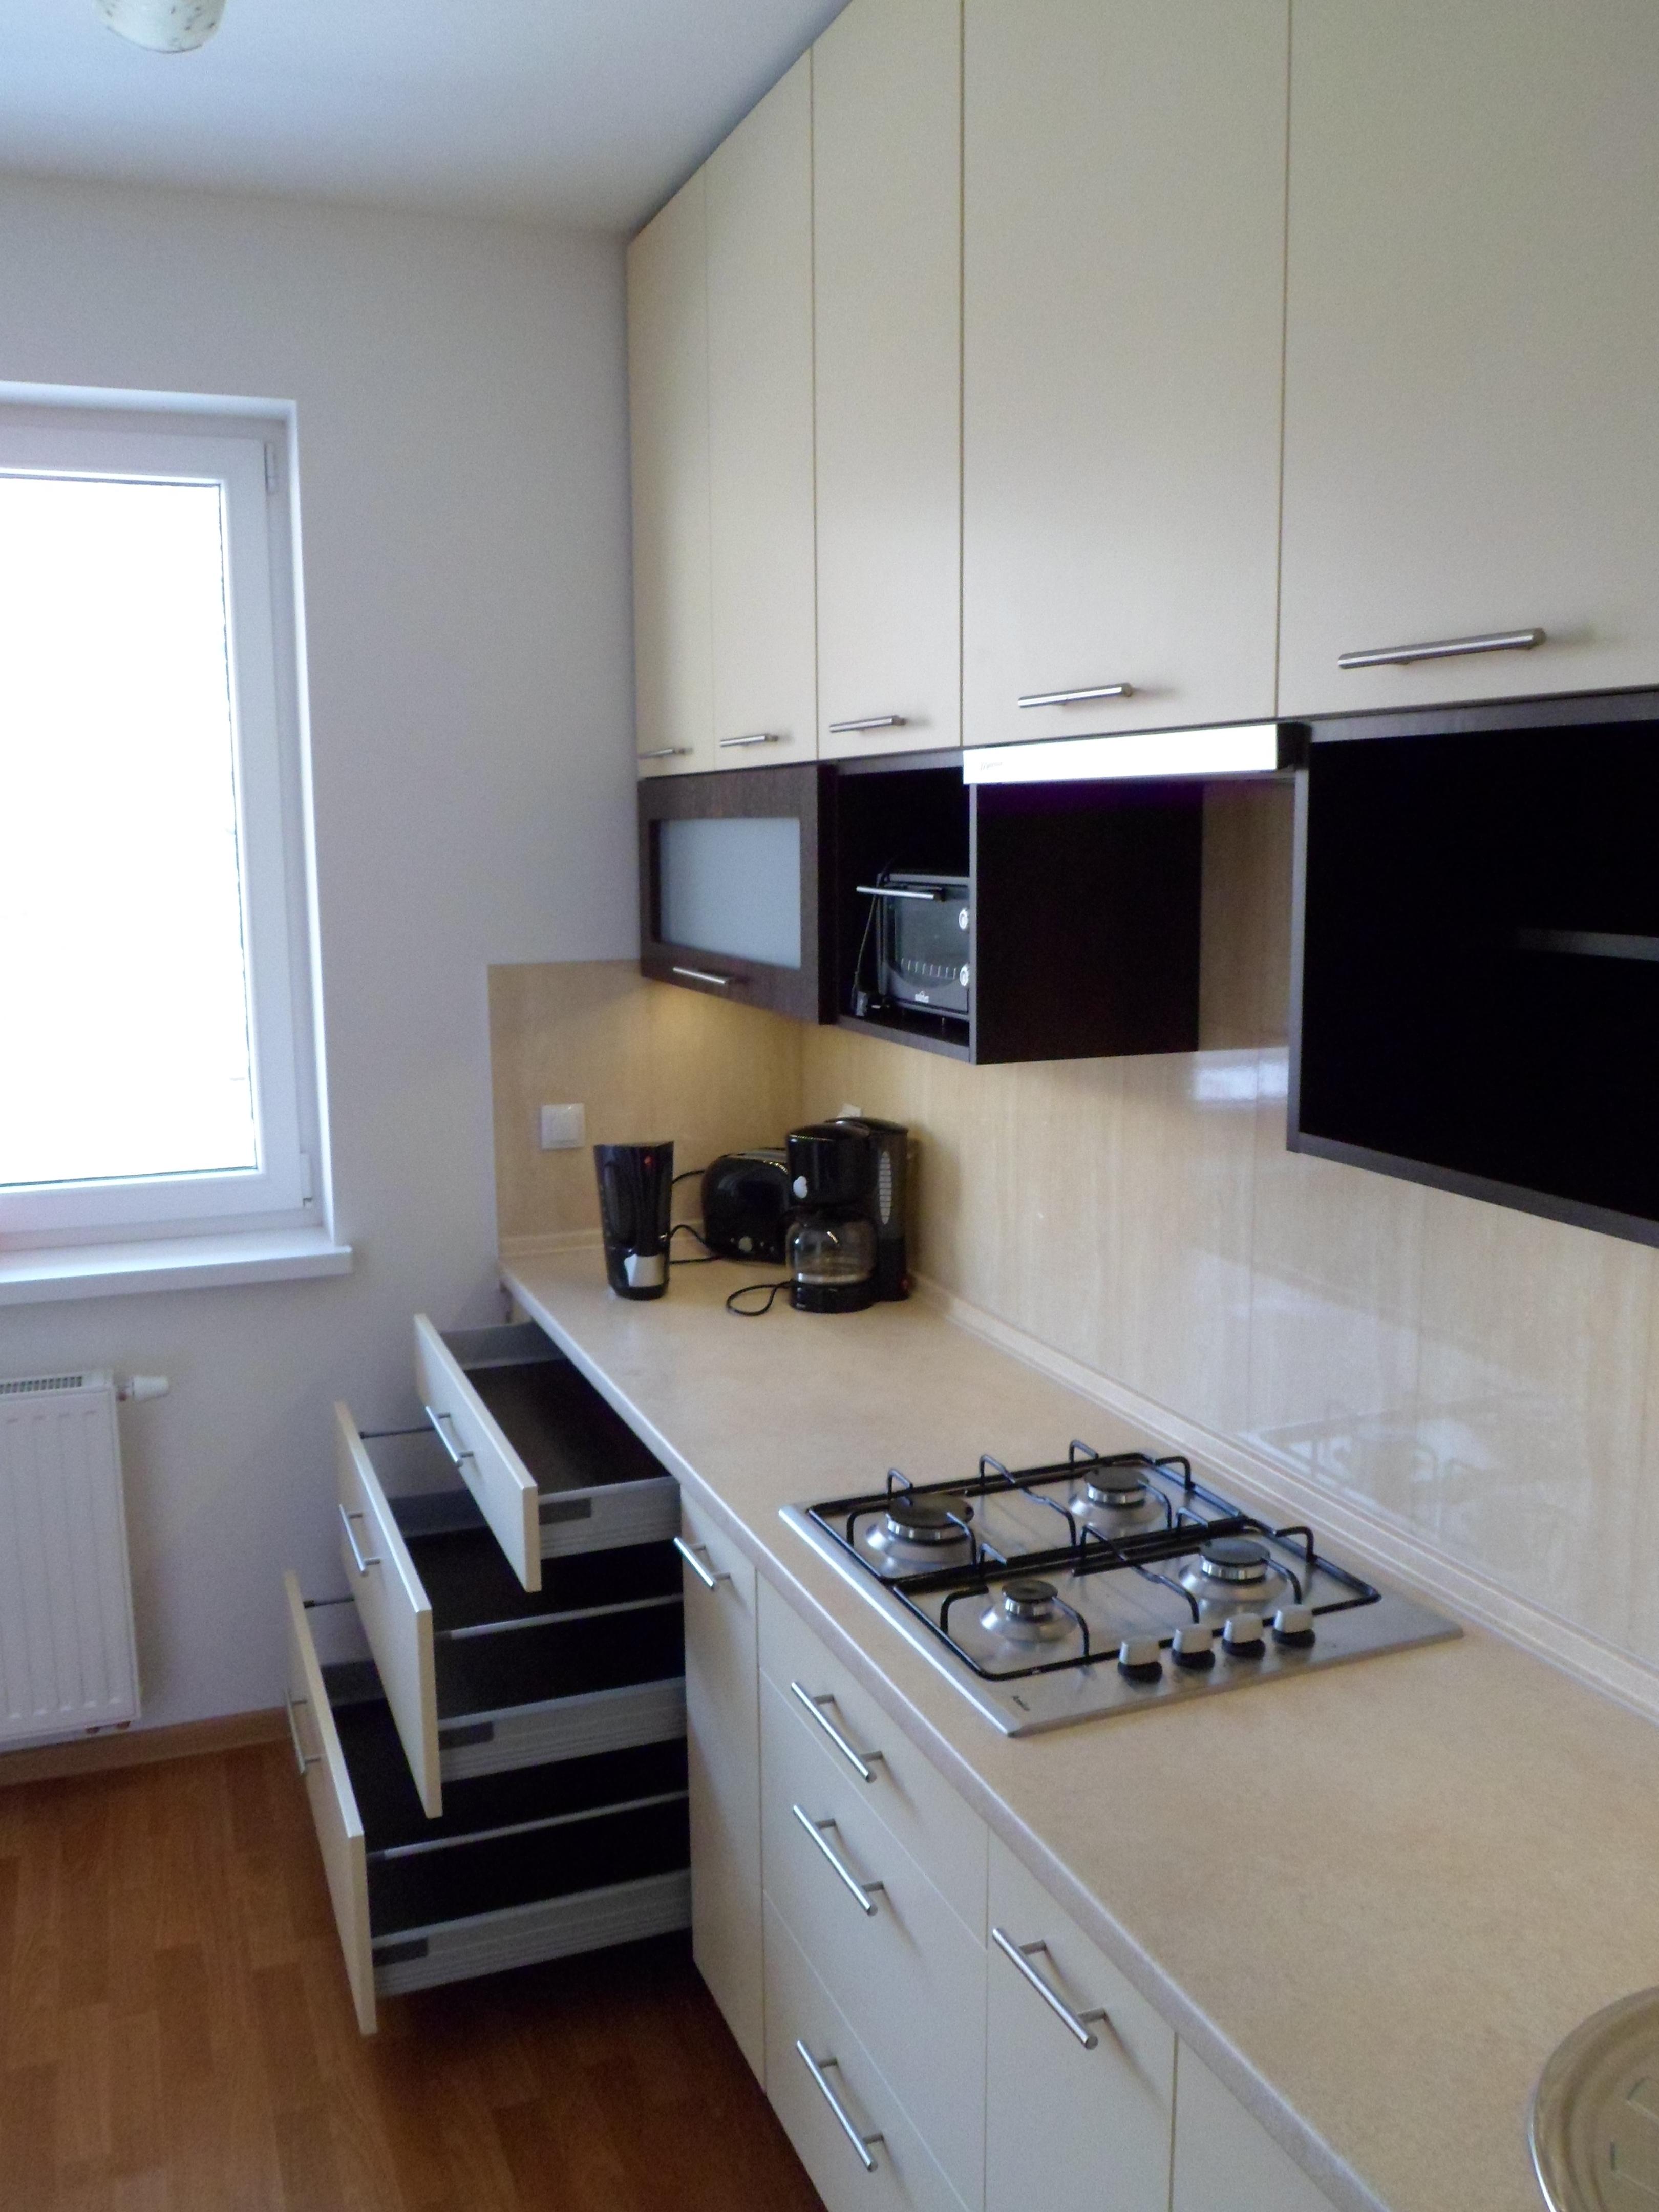 meble na wymiar �243dź �adne kuchnie zdjęcia �owicz ma�a